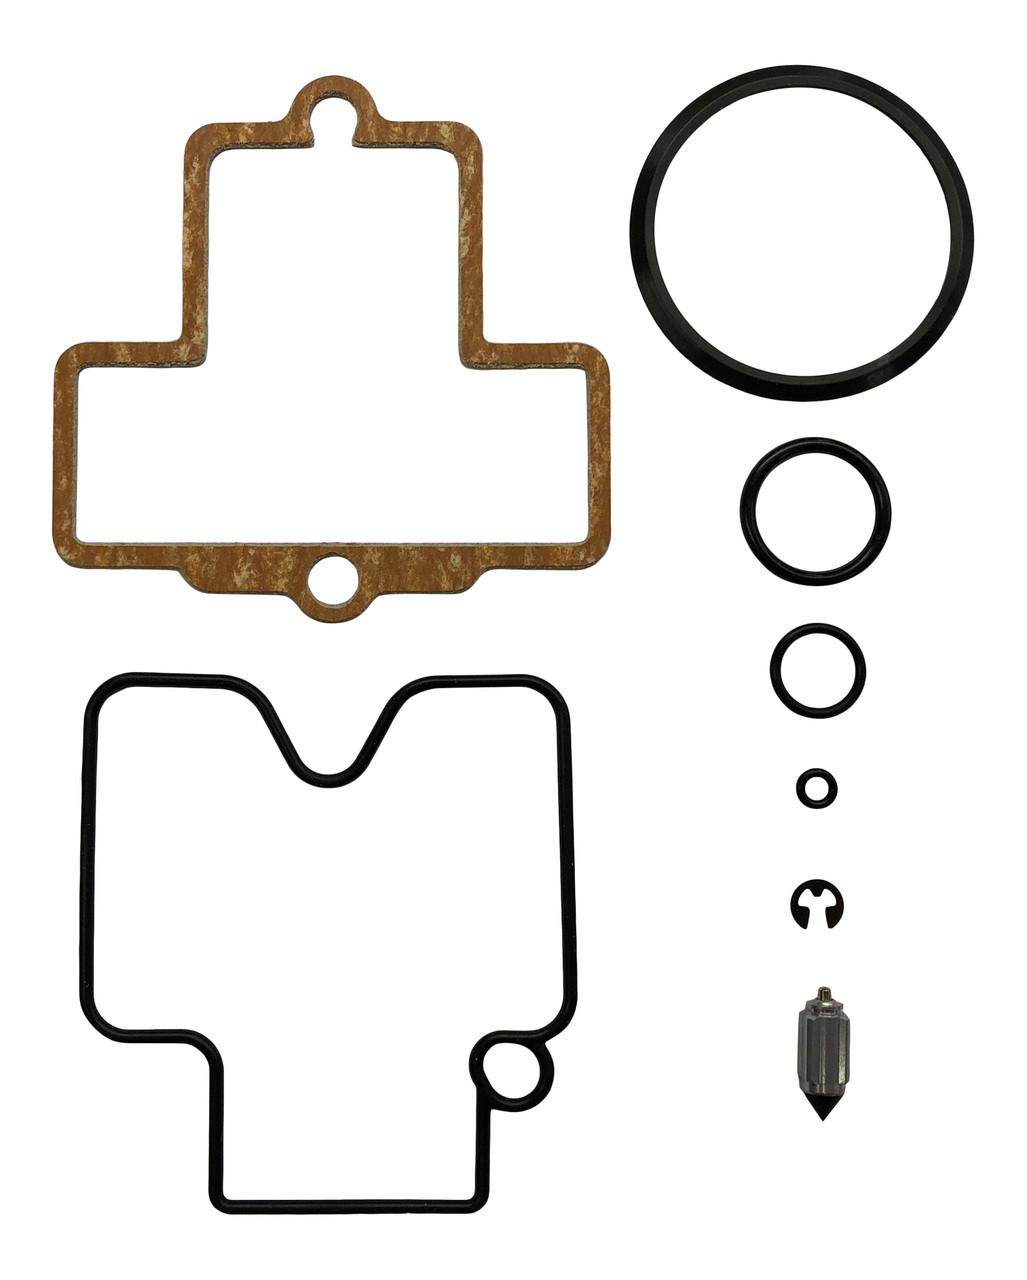 VGAS Carburetor Rebuild Kit (85-07 All)